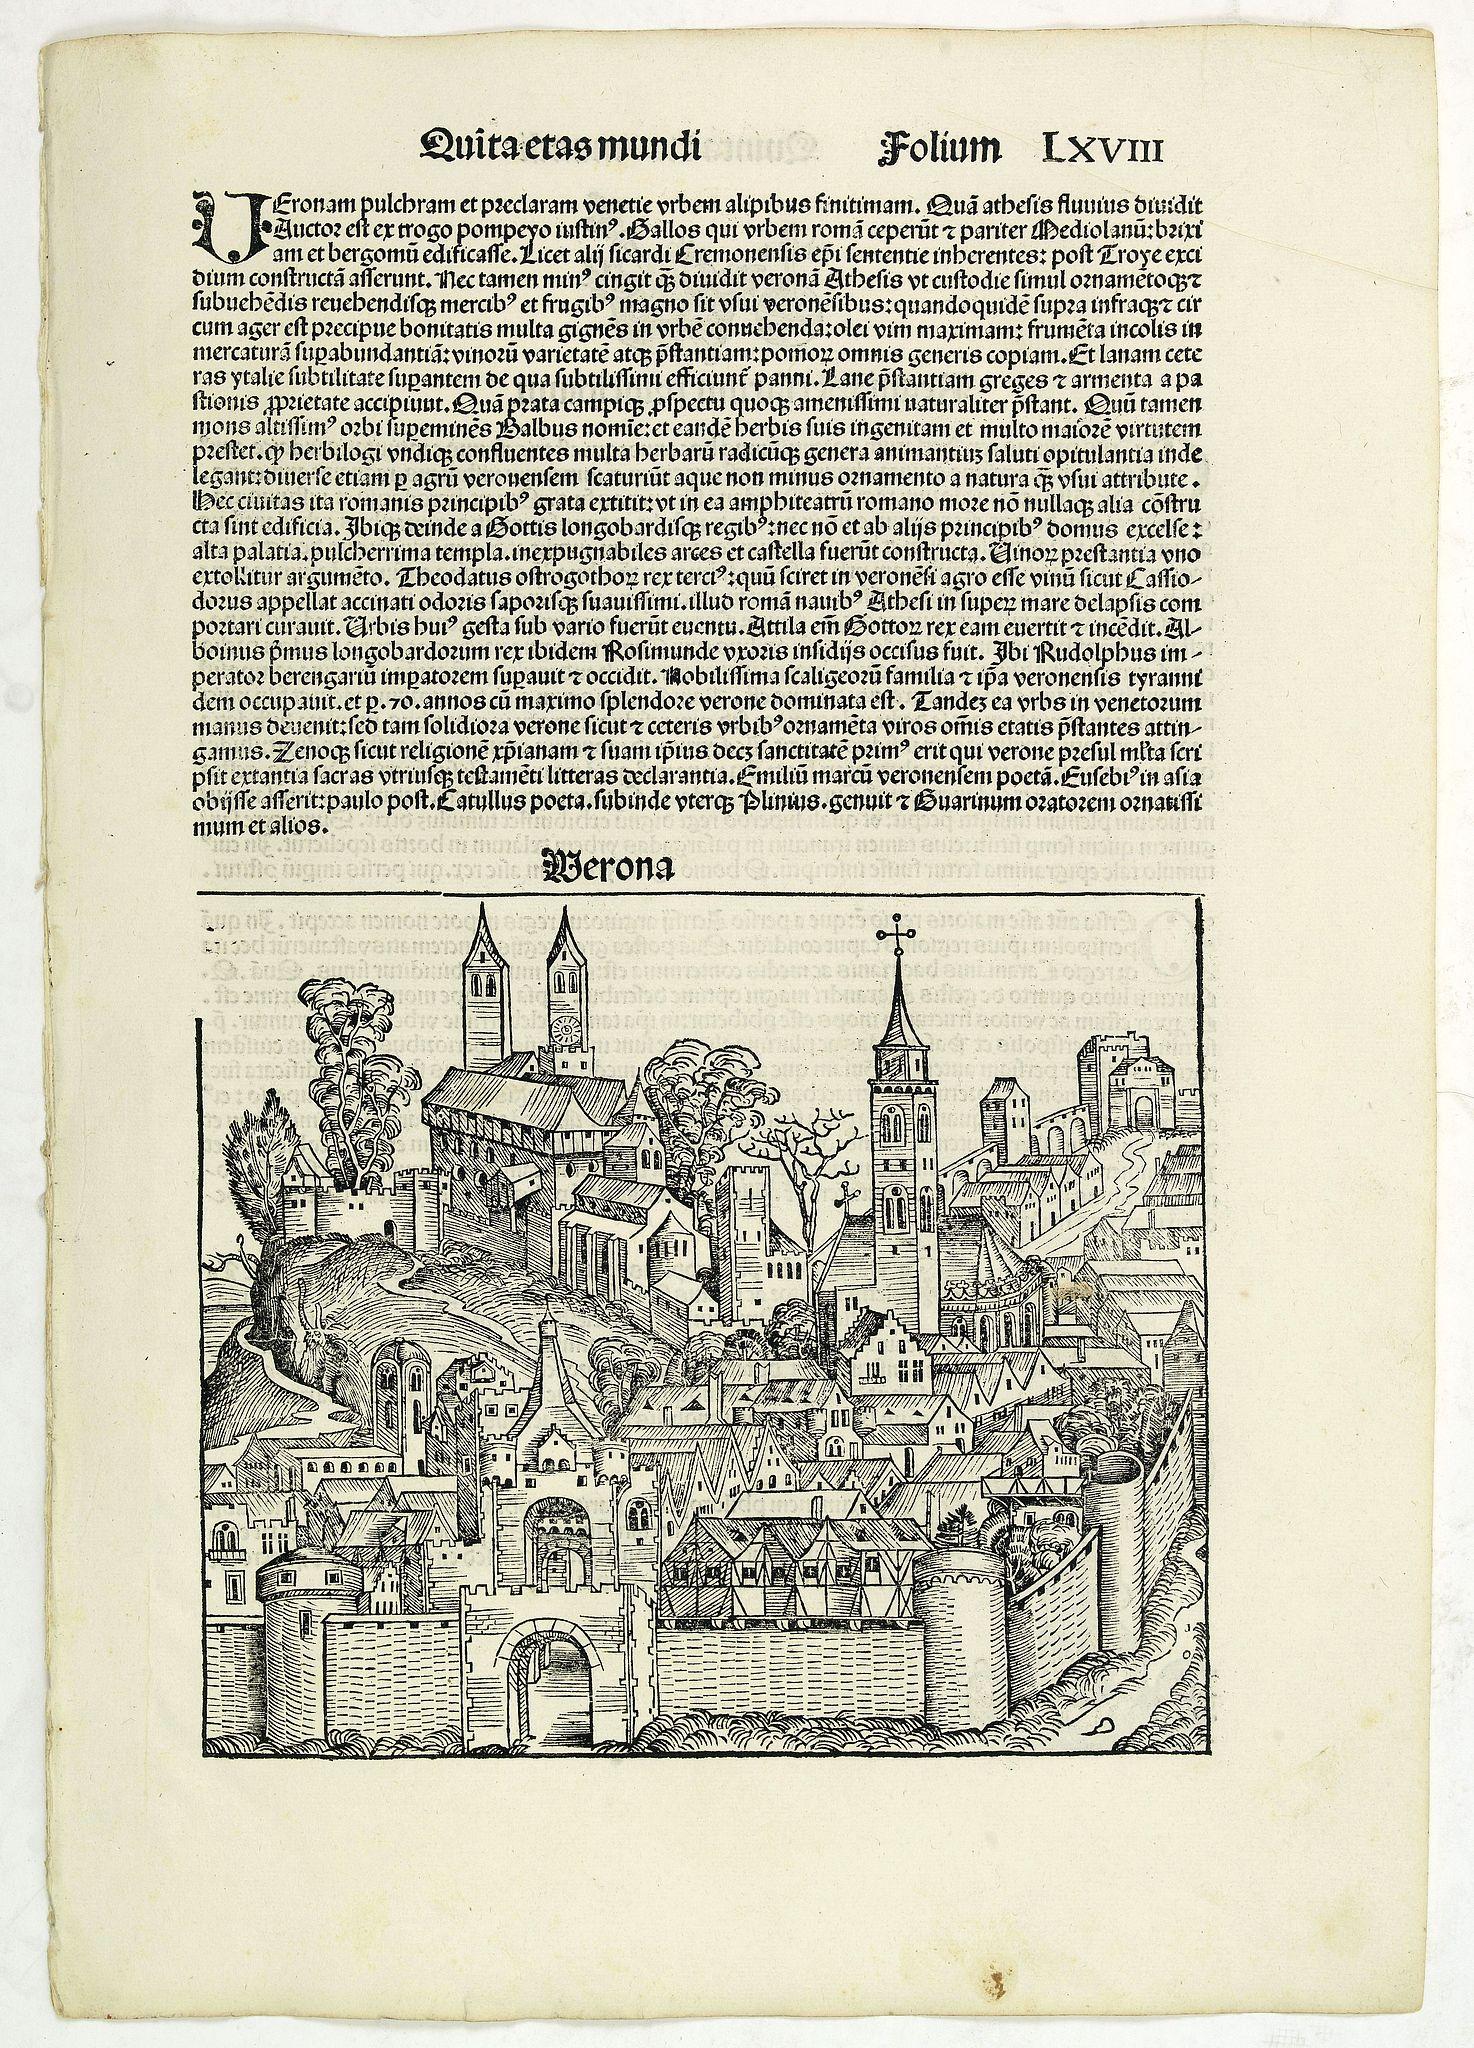 SCHEDEL, H. -  Quita Etas Mundi. Folium.LXVIII (Verona)